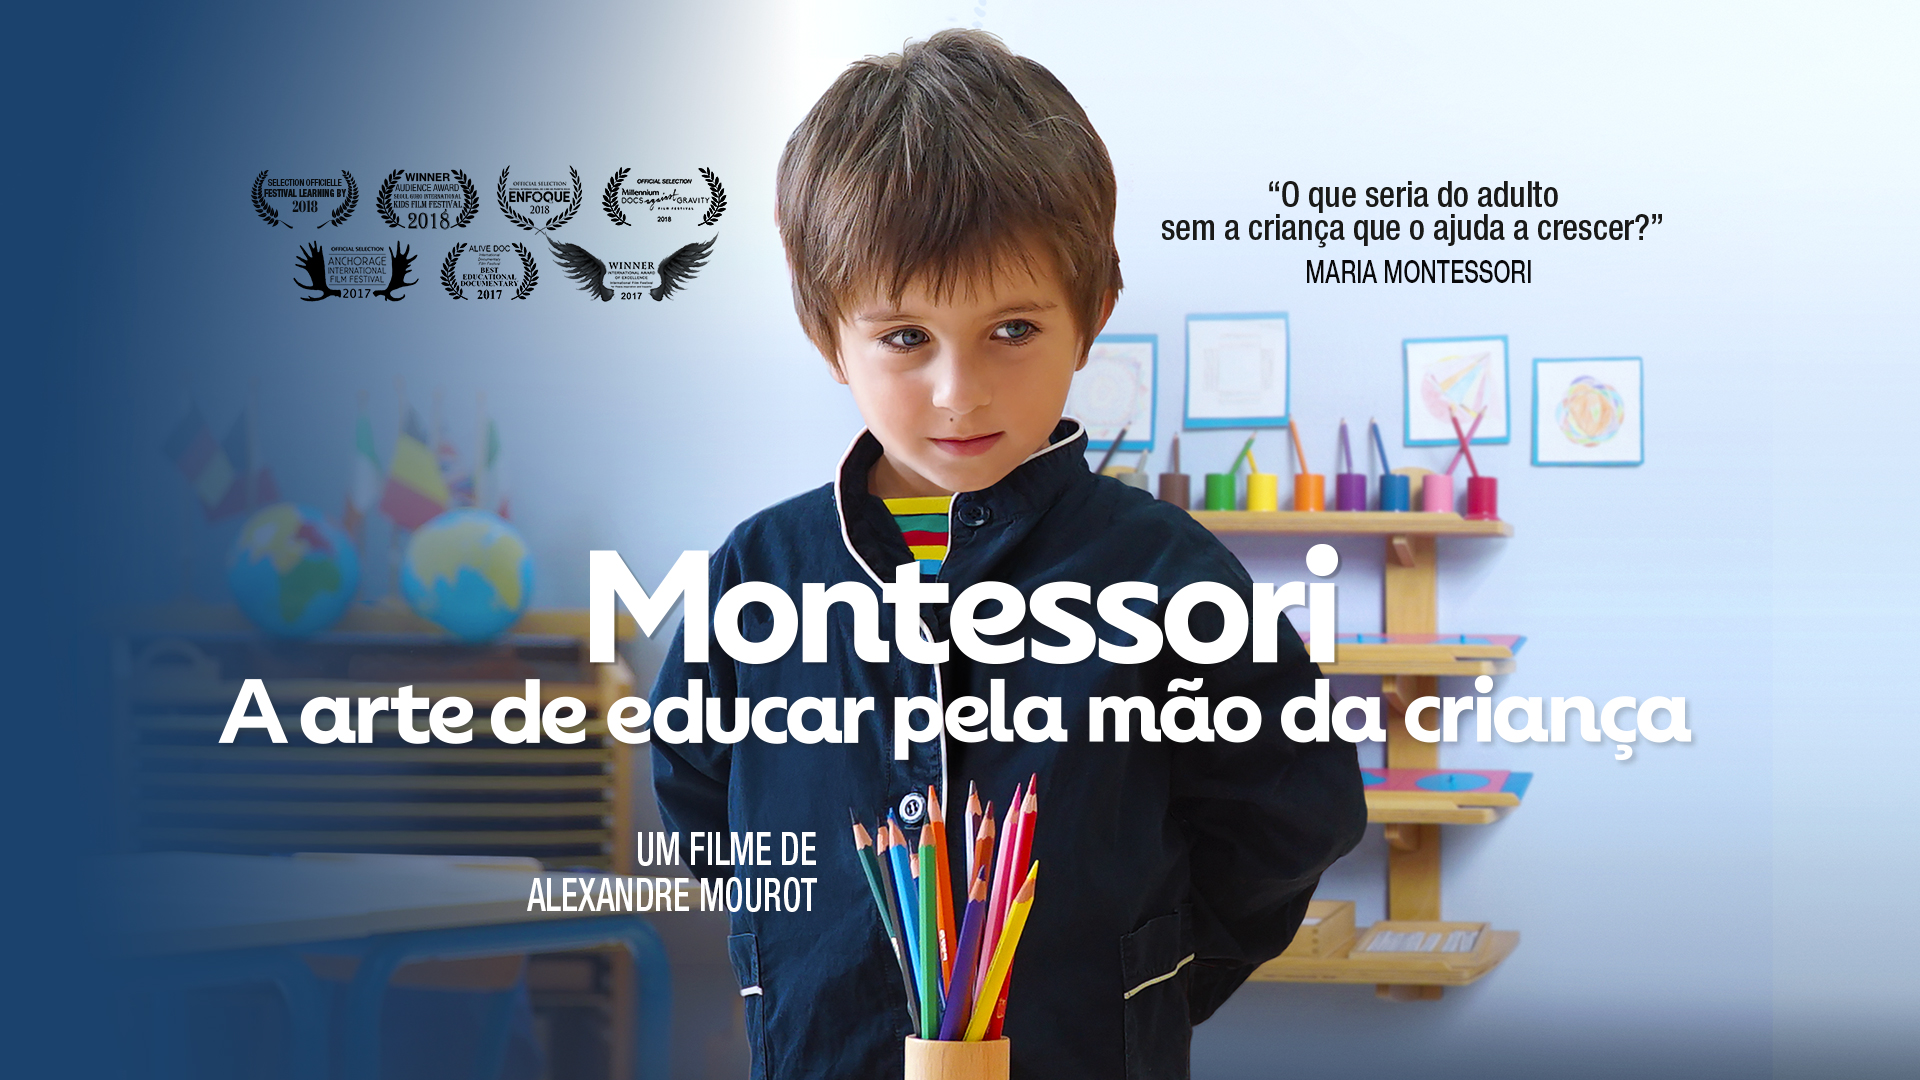 video preview of Montessori, a arte de educar pela mão da criança